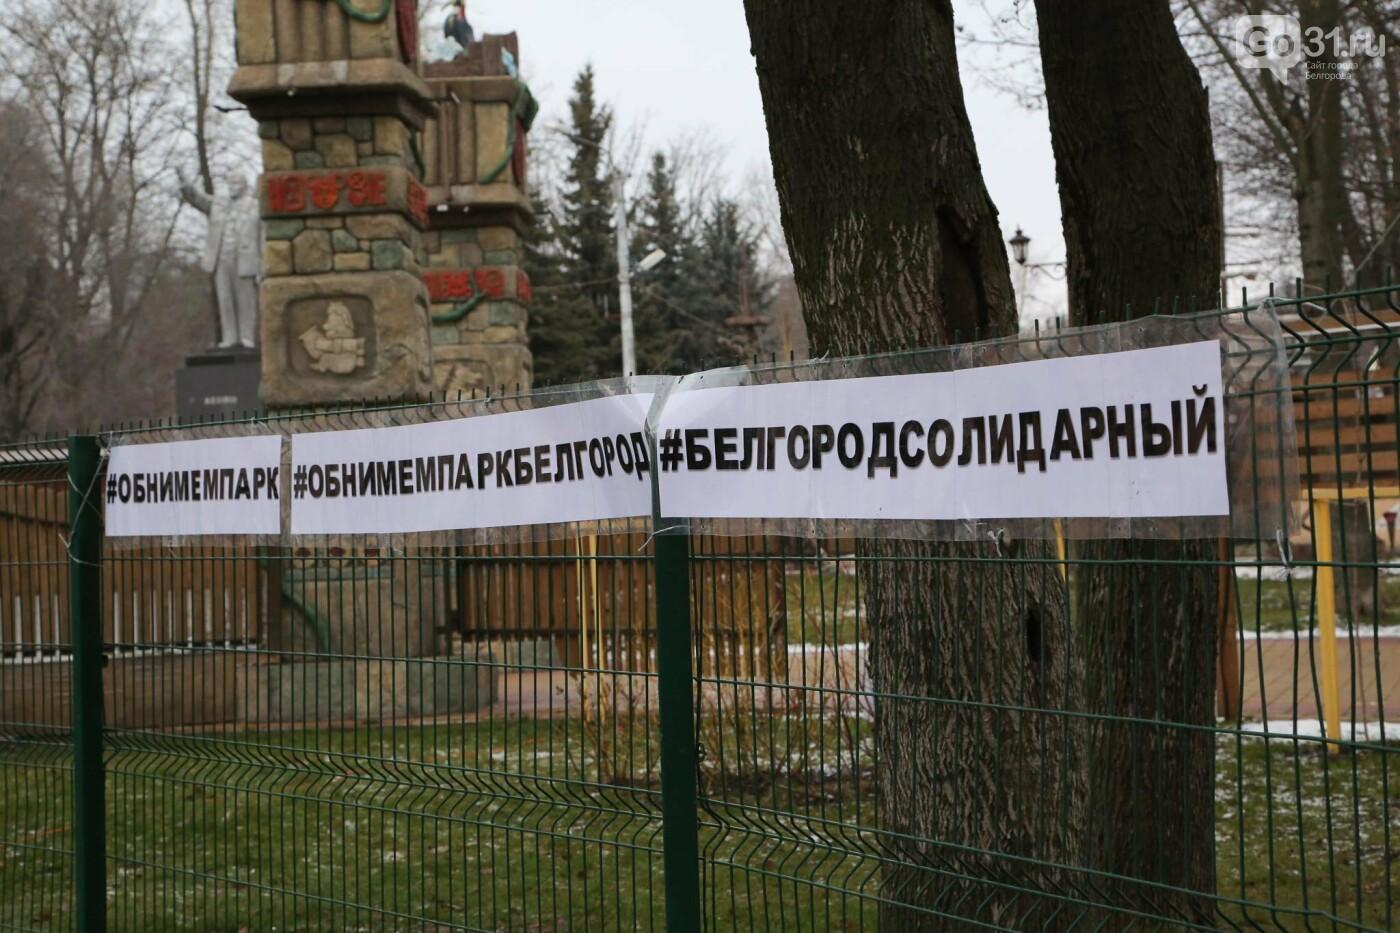 Александр Каракулов: С Центральным парком сейчас всё складывается не лучшим образом, фото-2